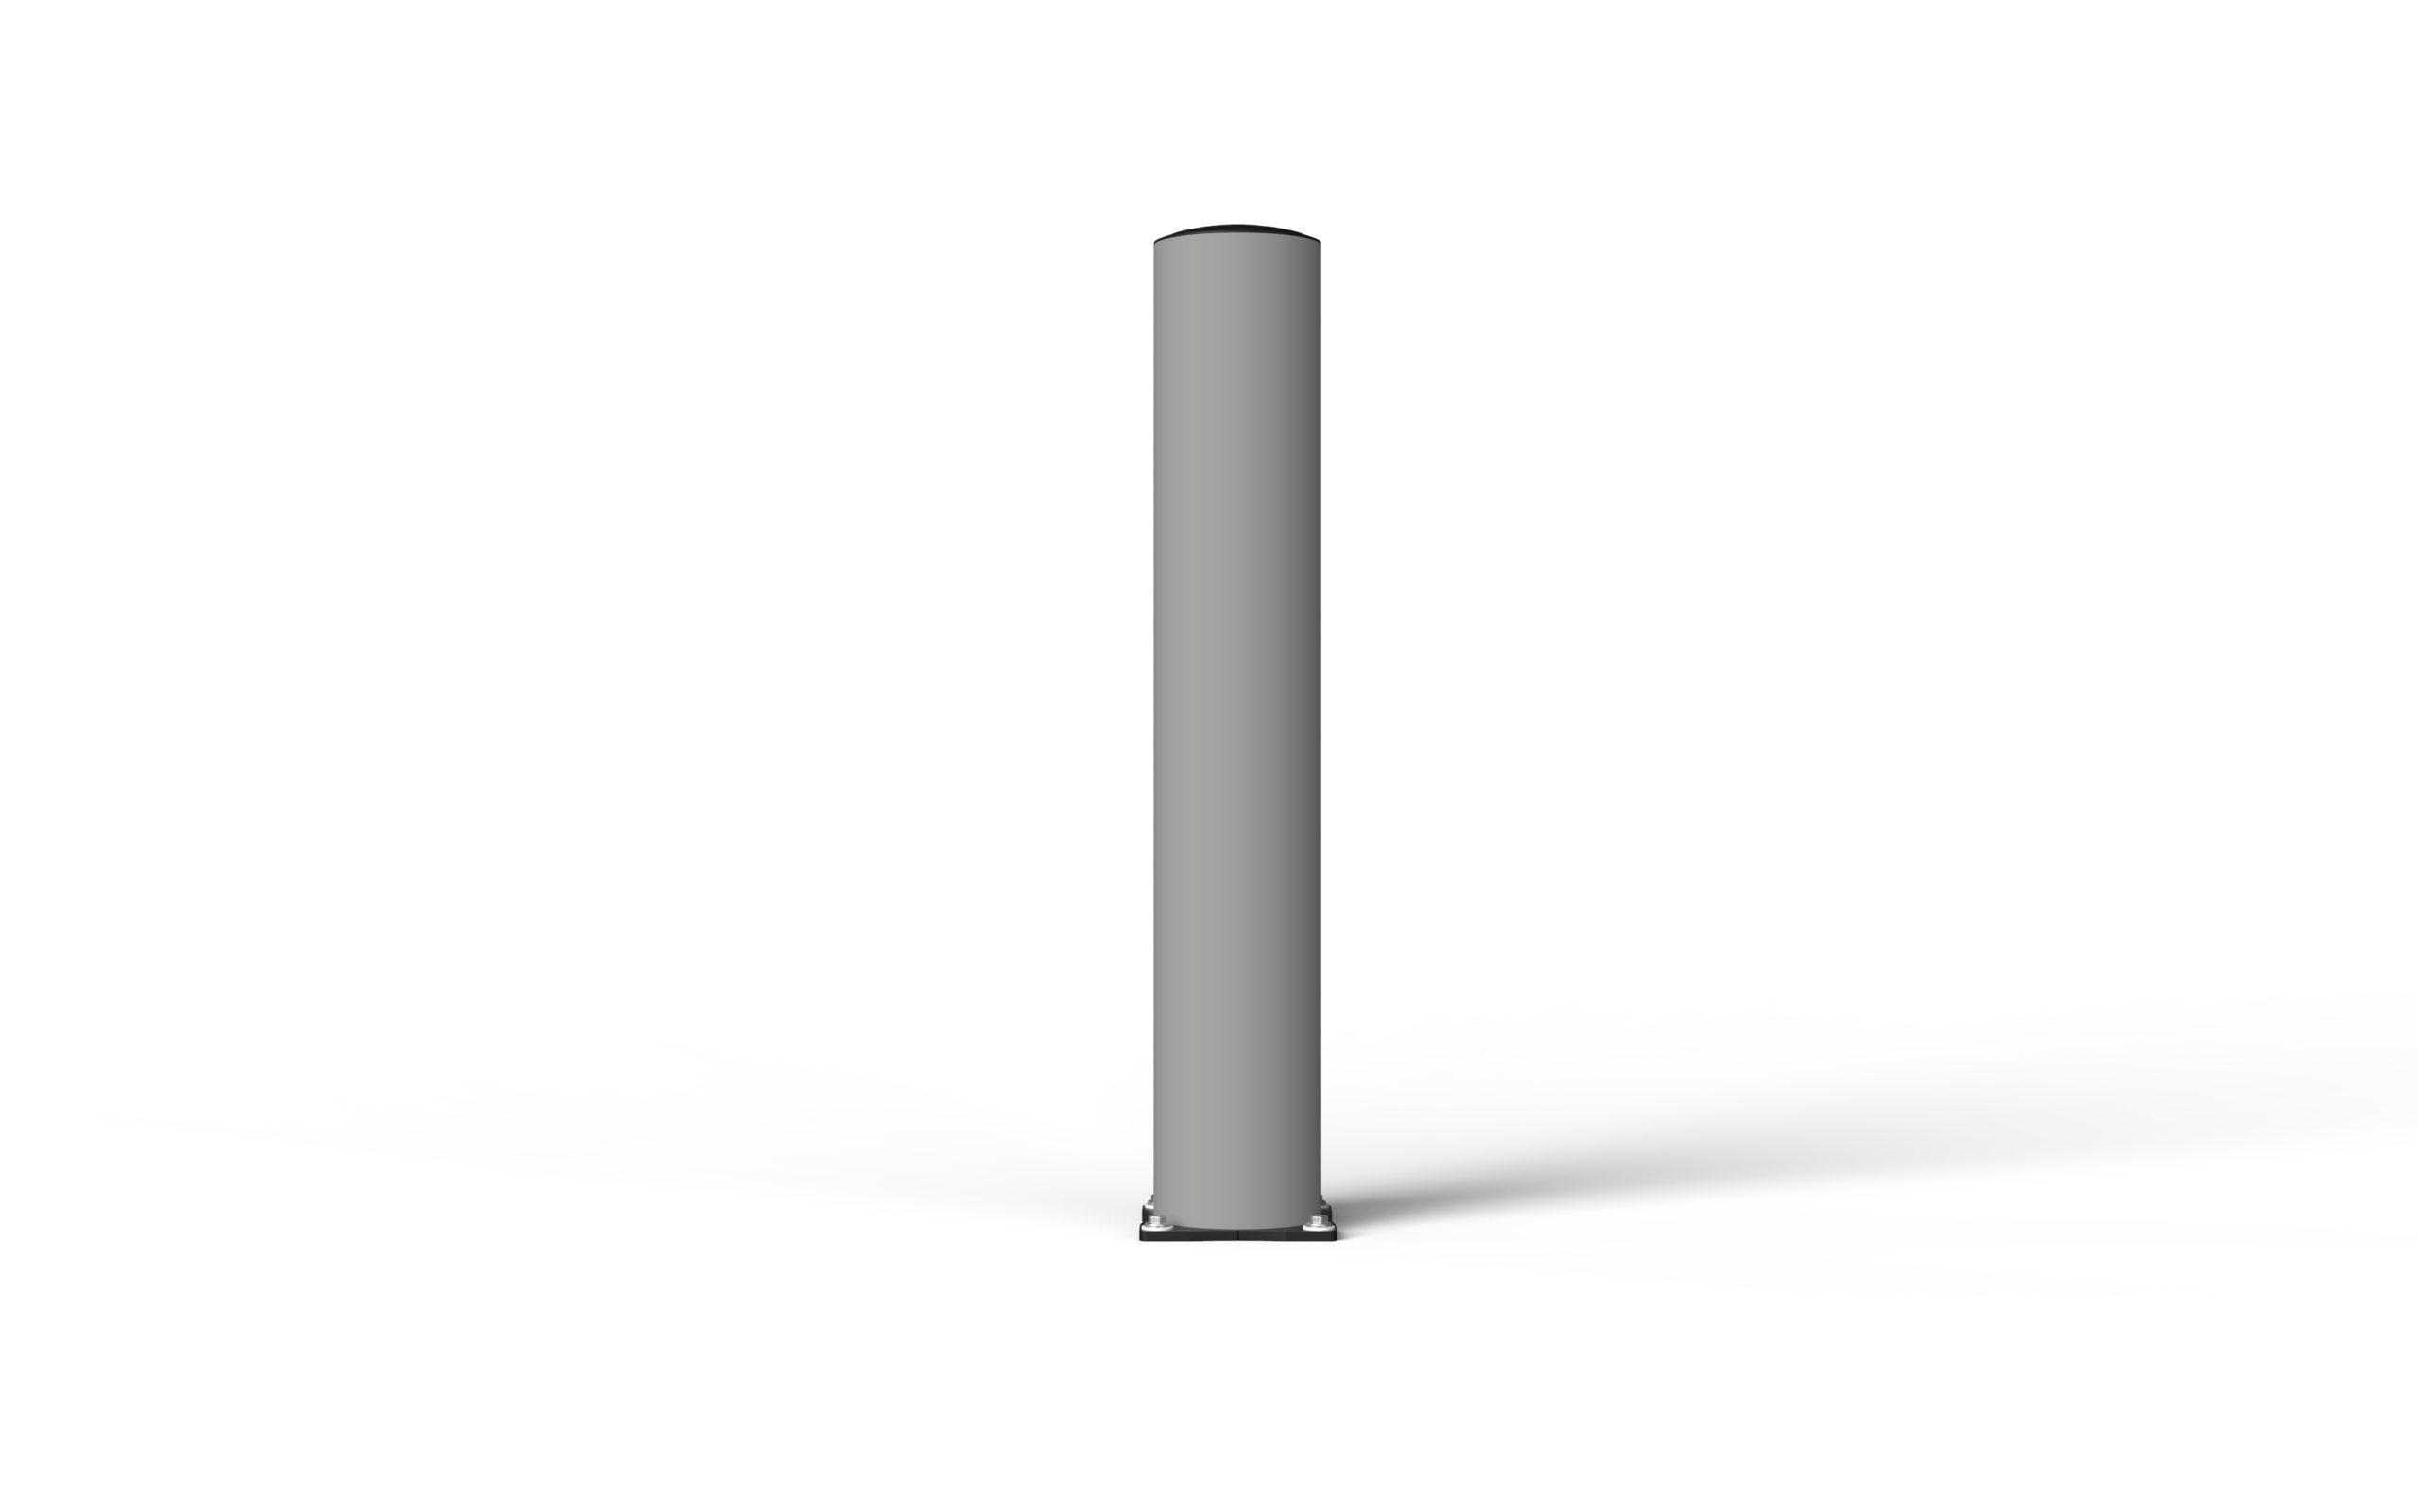 Schutzpoller boplan® BO Impact Ø200 – Höhe 1200 mm – grau mit galvanisch verzinkter Bodenplatte